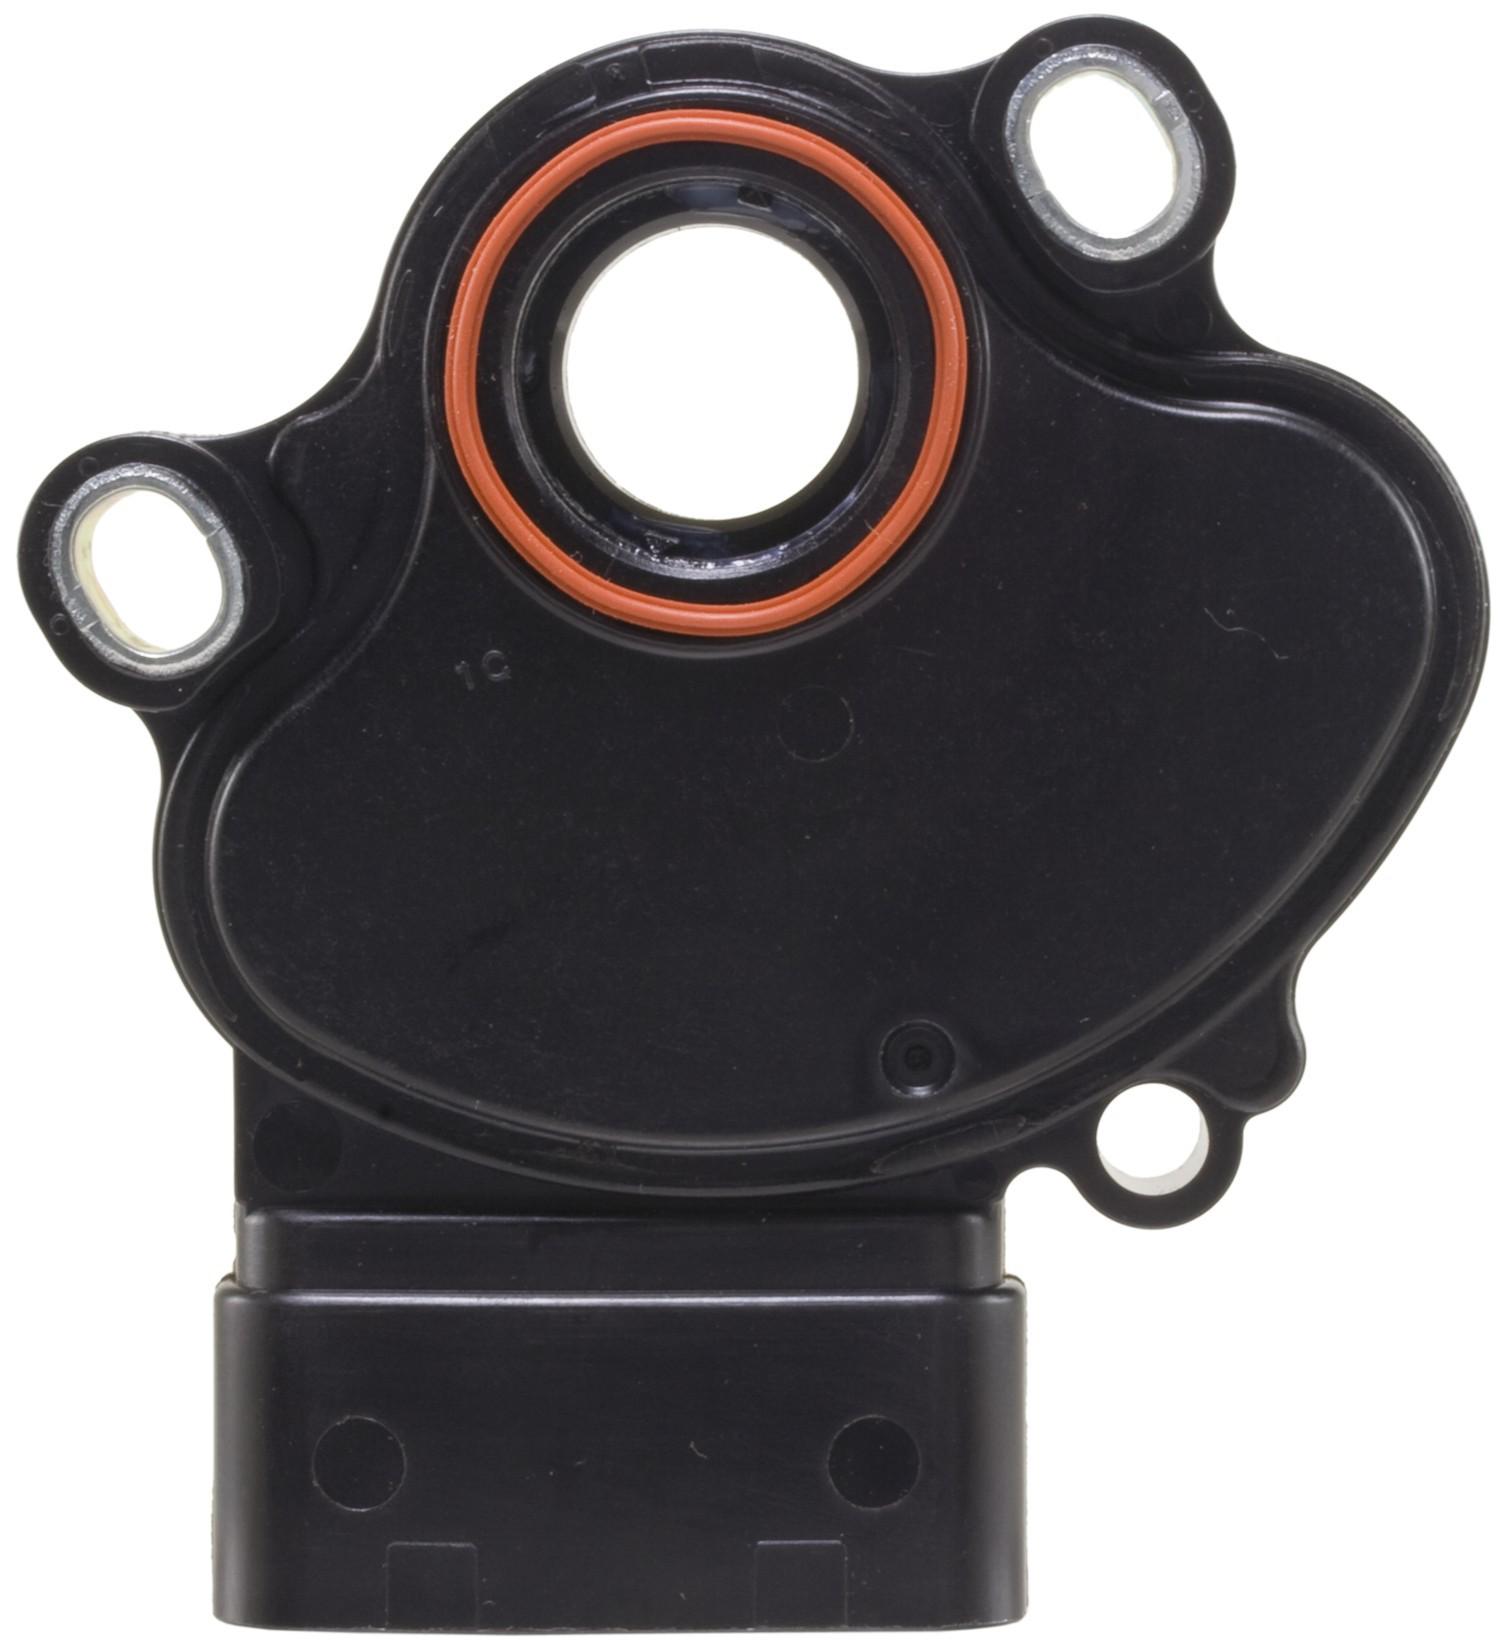 96 Subaru Impreza Wiring Diagram Get Free Image About Wiring Diagram